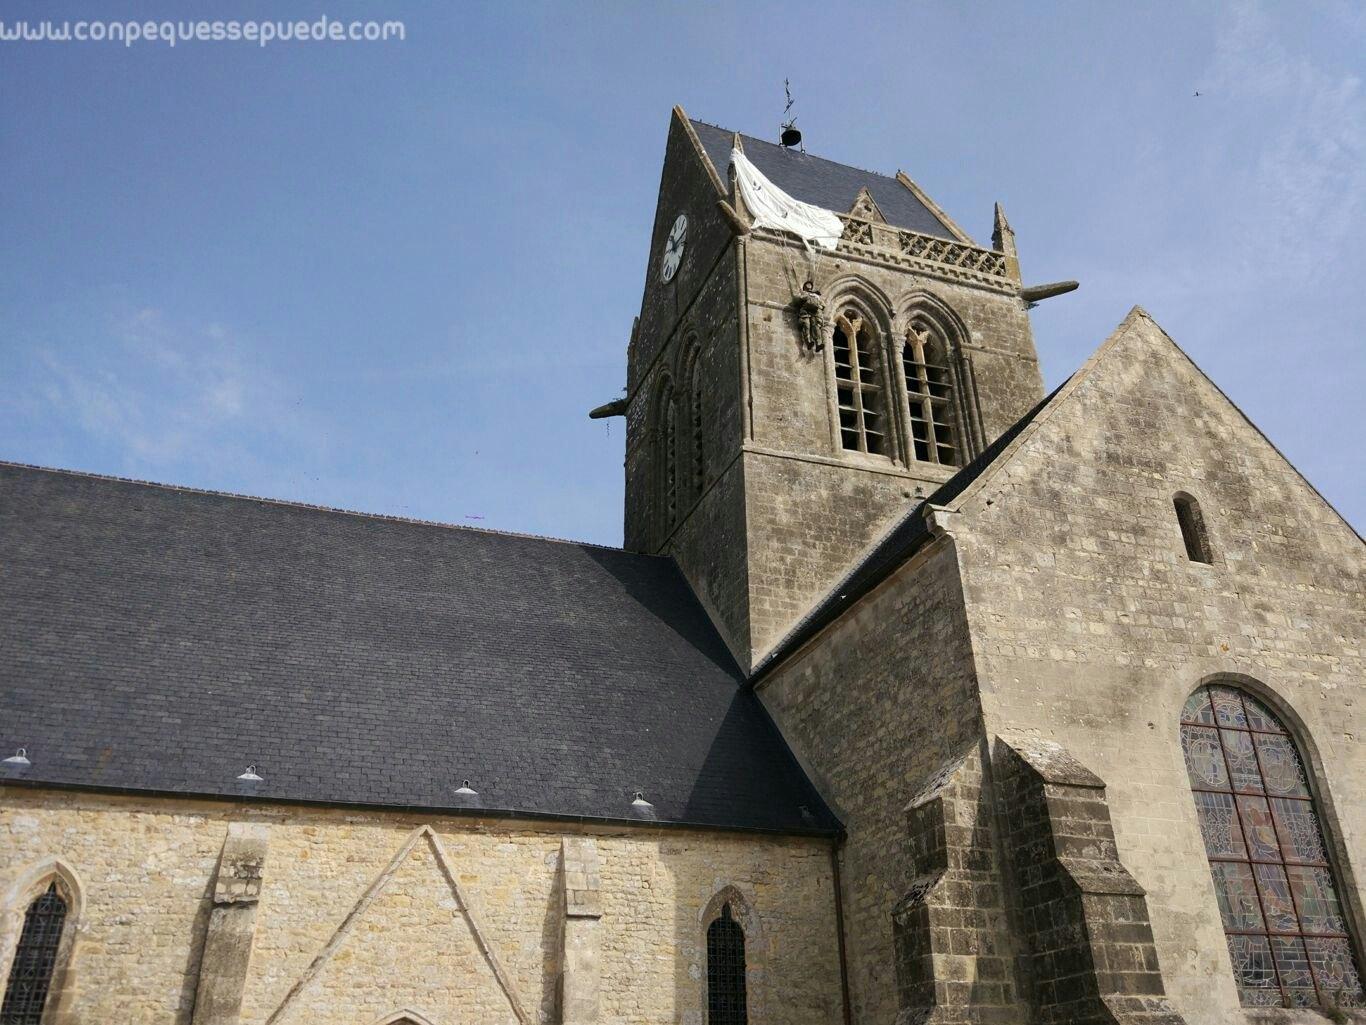 La iglesia de Sainte Marie Eglise con el paracaidista colgando